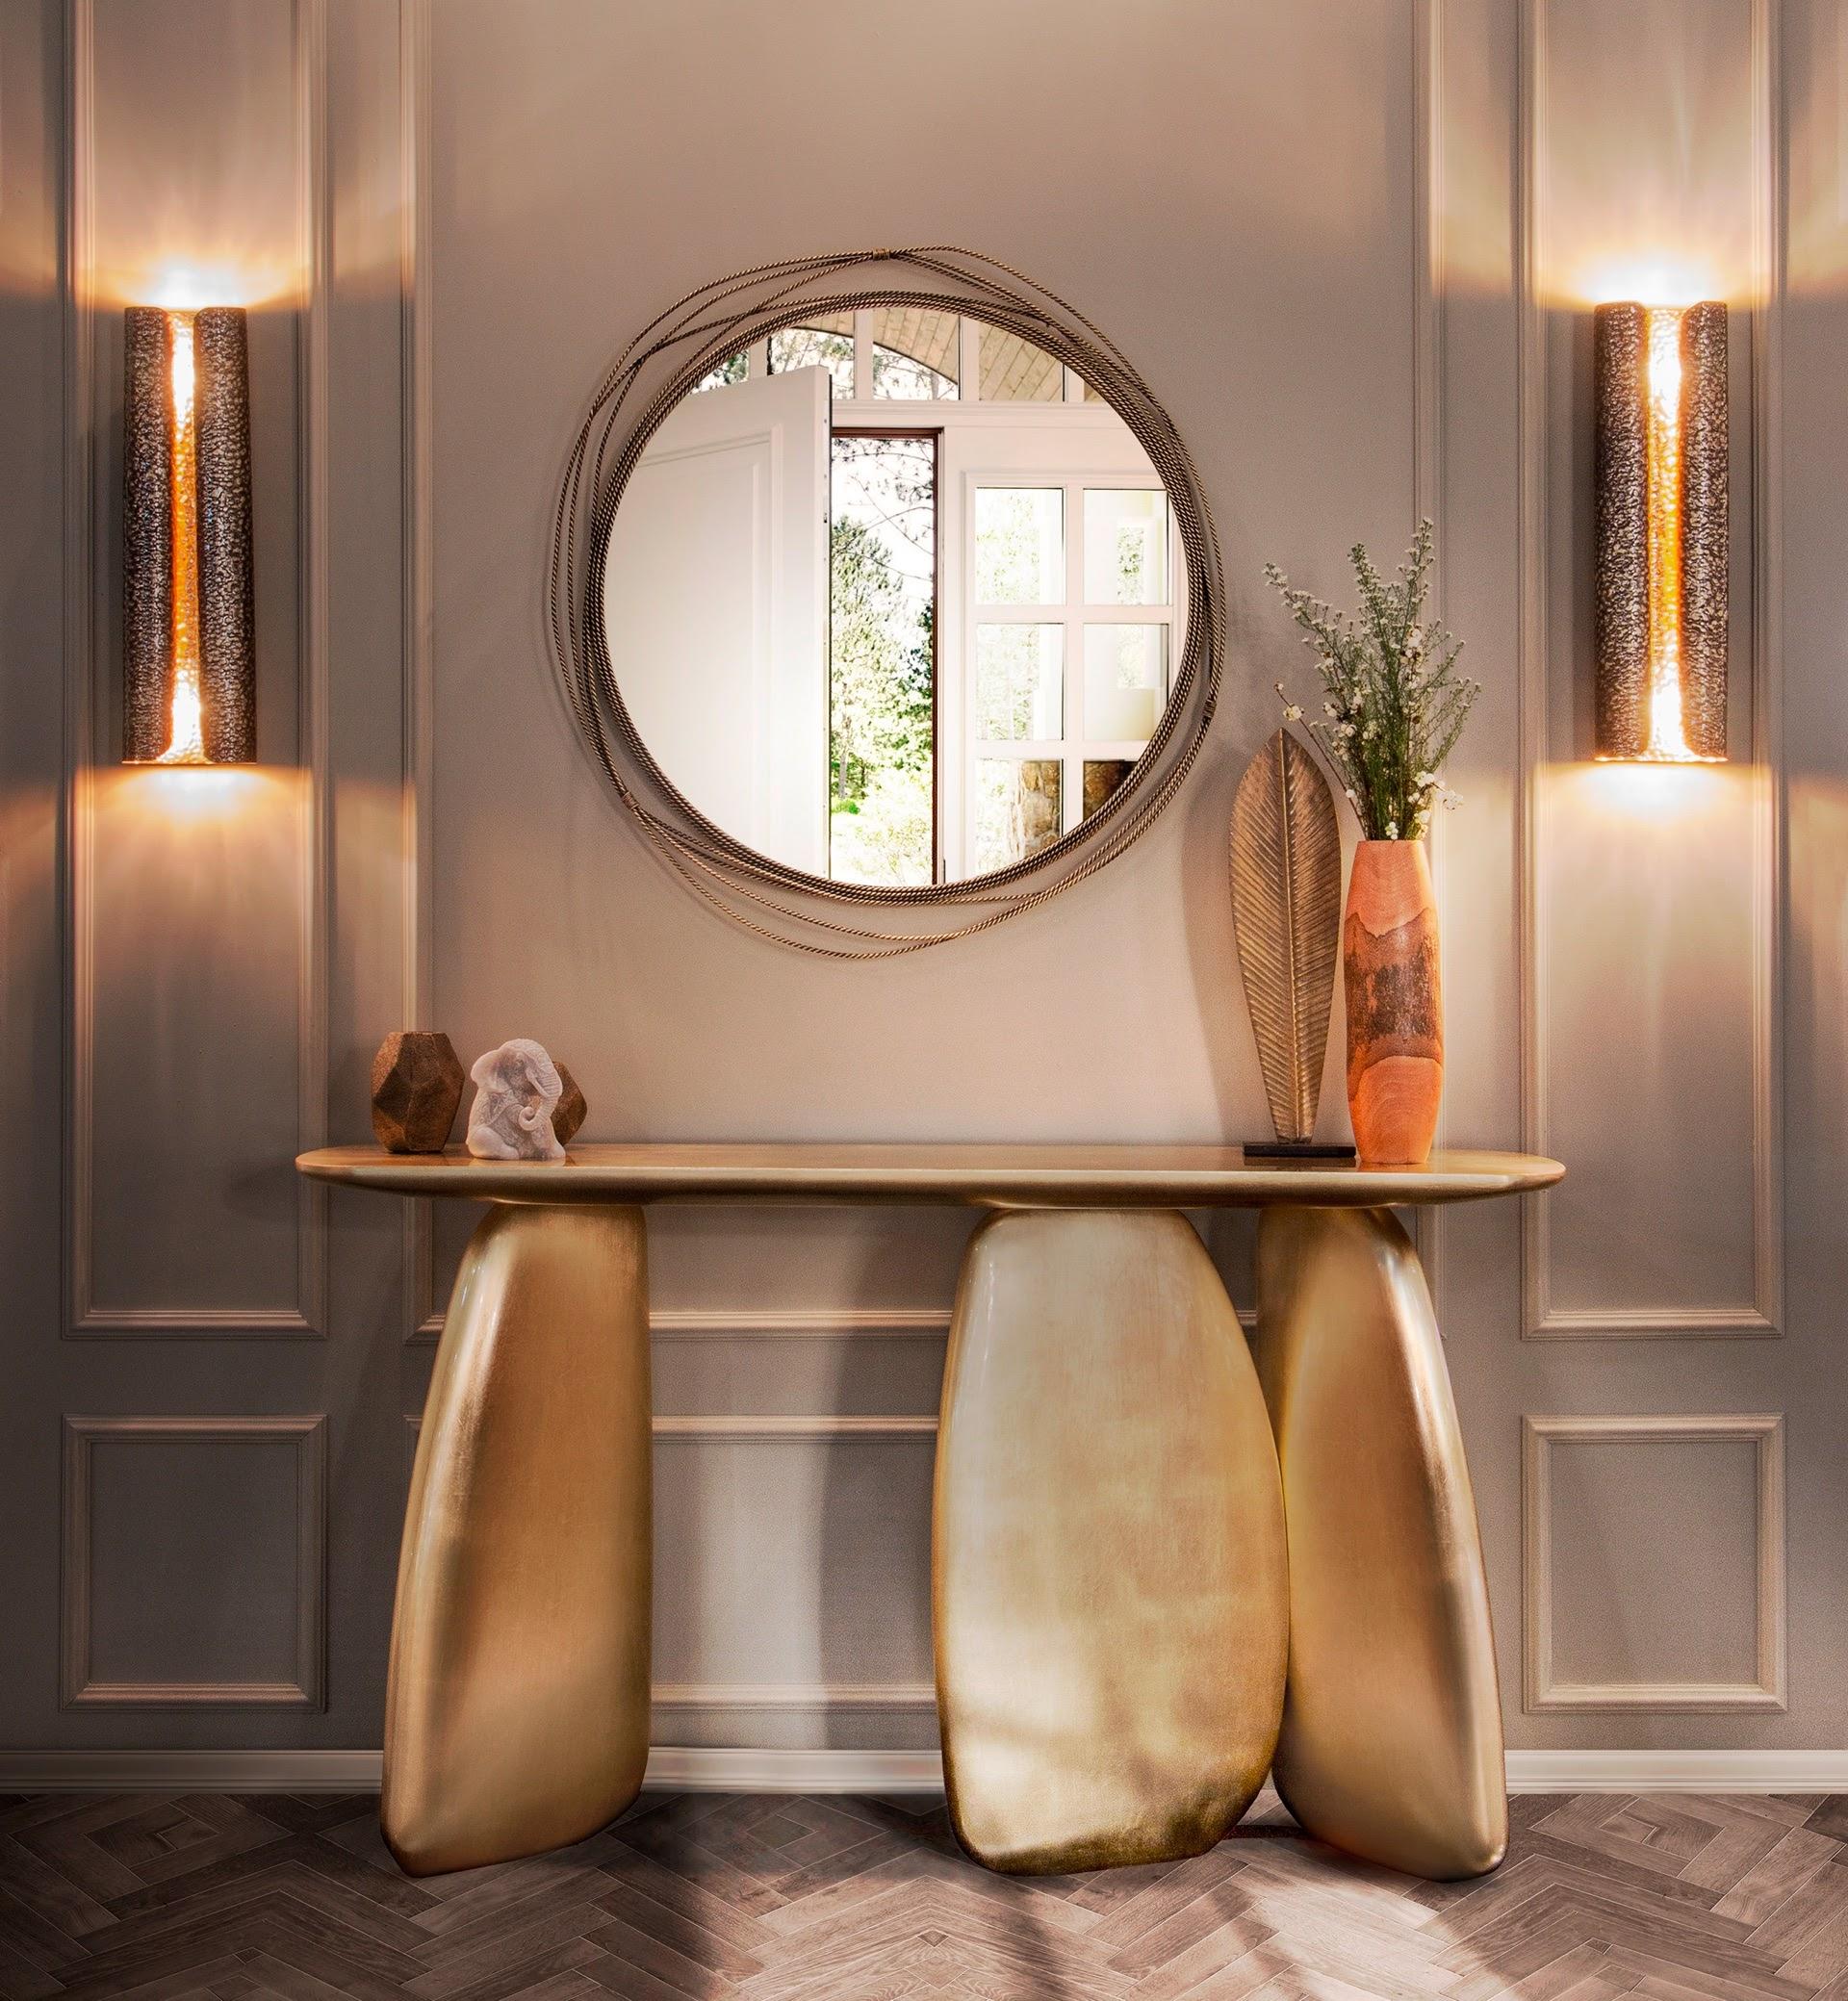 Новый каталог BRABBU | Мебельные тенденции 2018 Мебельные тенденции Новый каталог BRABBU | Мебельные тенденции 2018 brabbu ambience press 84 HR